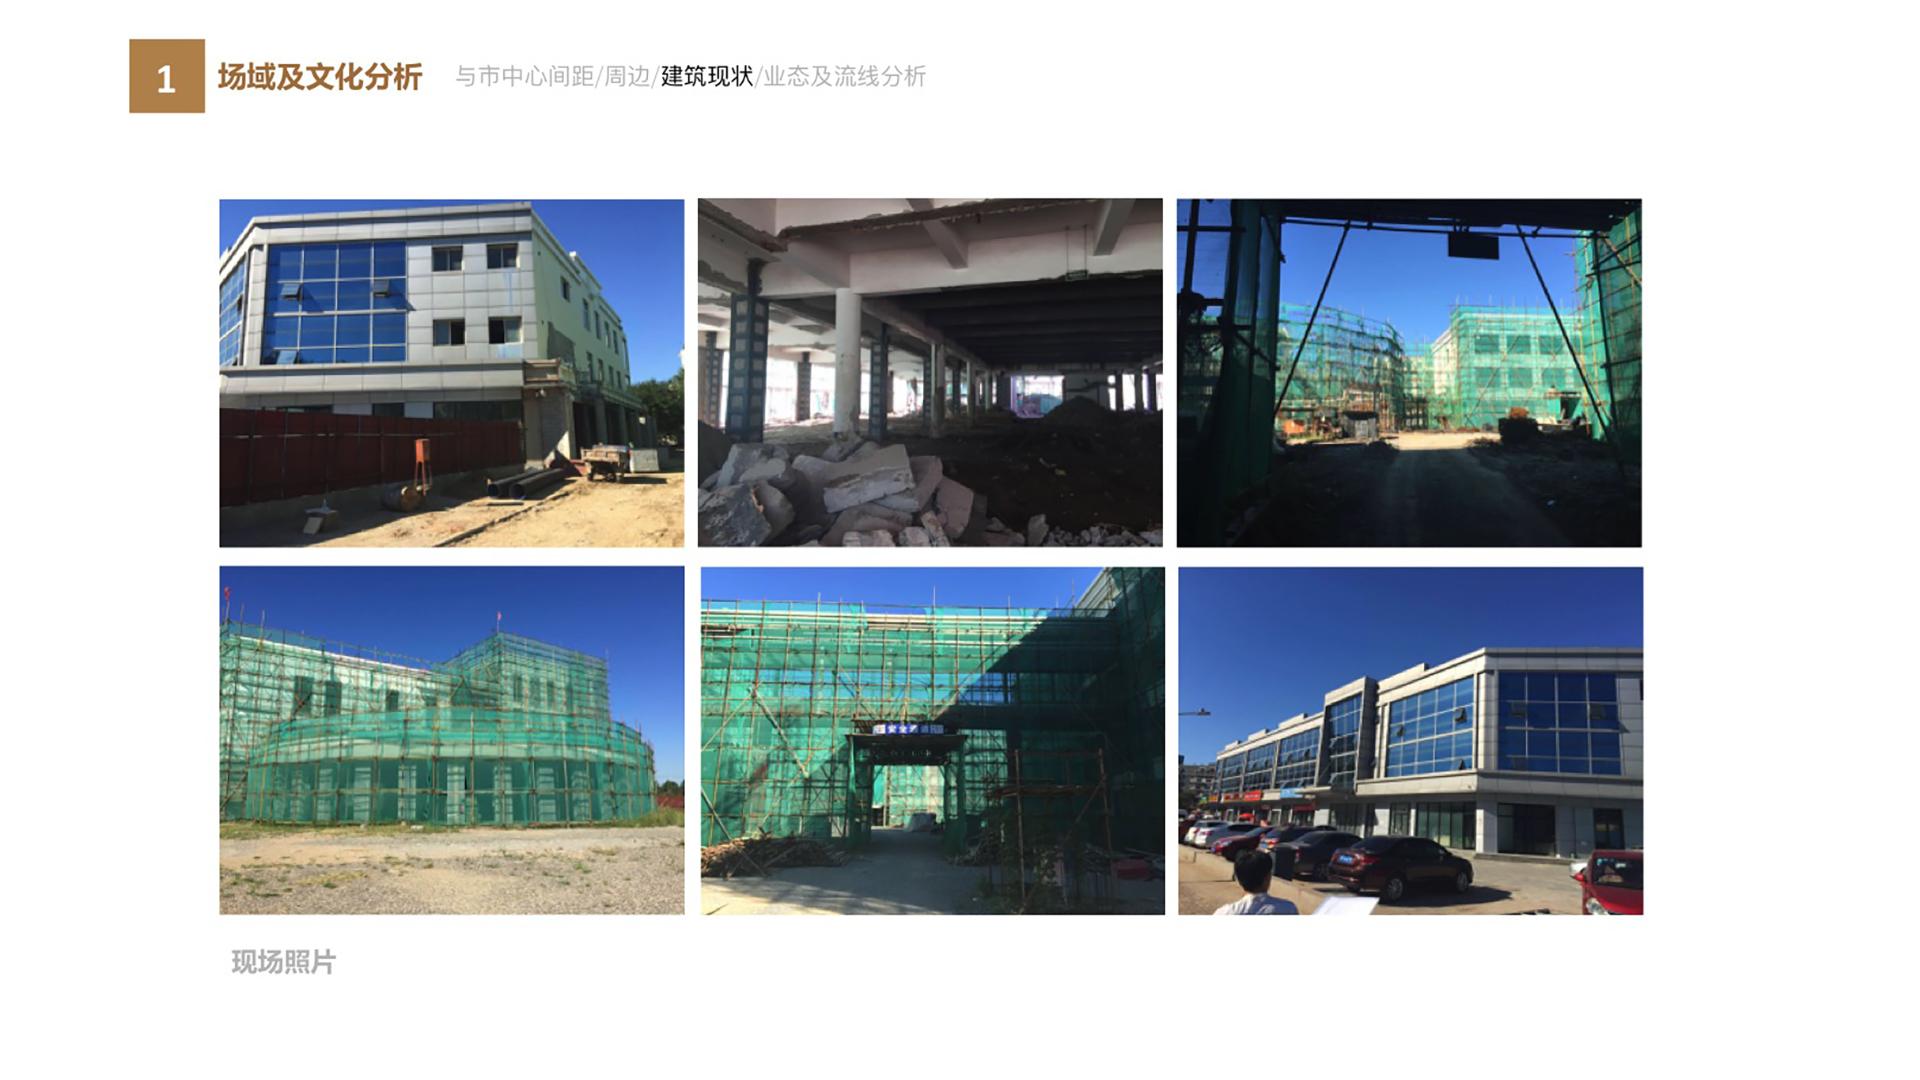 碧桂园商业楼场域及文化分析—建筑现状